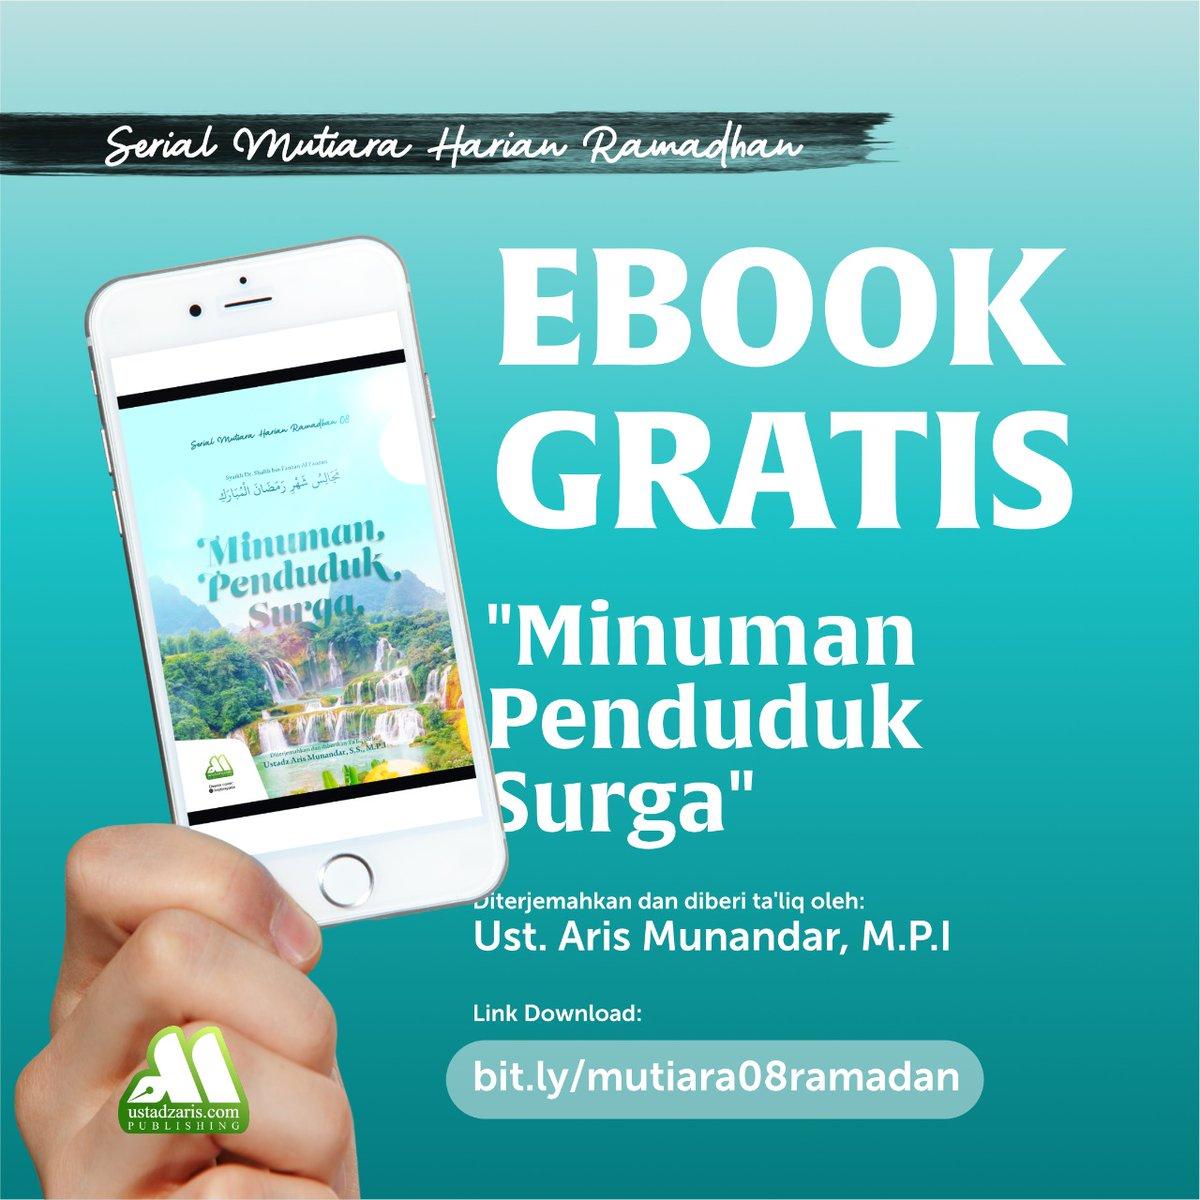 📒Serial Mutiara Harian Ramadhan 08📒  ⬇️⬇️⬇️⬇️⬇️⬇️⬇️ Unduh E-Book di sini: https://t.co/v4NVdglQcg  atau melalui link ini jika ingin melihat koleksi lain: https://t.co/OMwSIu8Cuf  Silahkan disebarluaskan. ↗️ https://t.co/nTQNUsLQqp